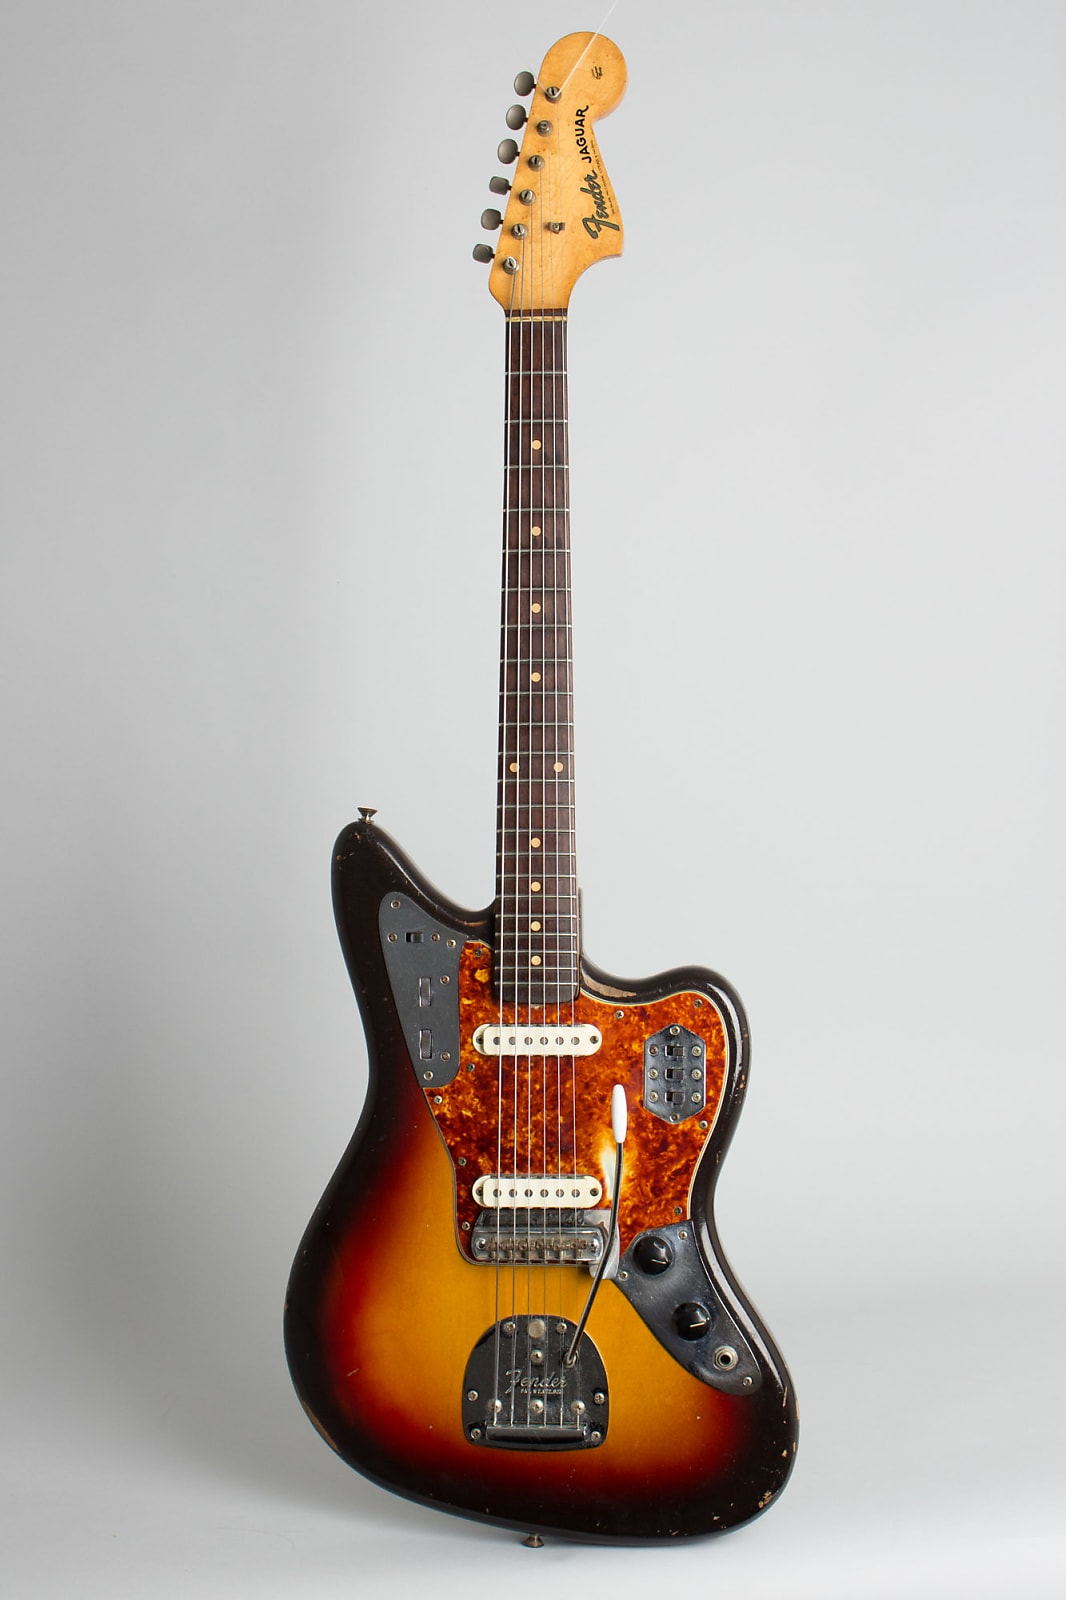 Fender  Jaguar Solid Body Electric Guitar (1962), ser. #82135, original brown tolex hard shell case.